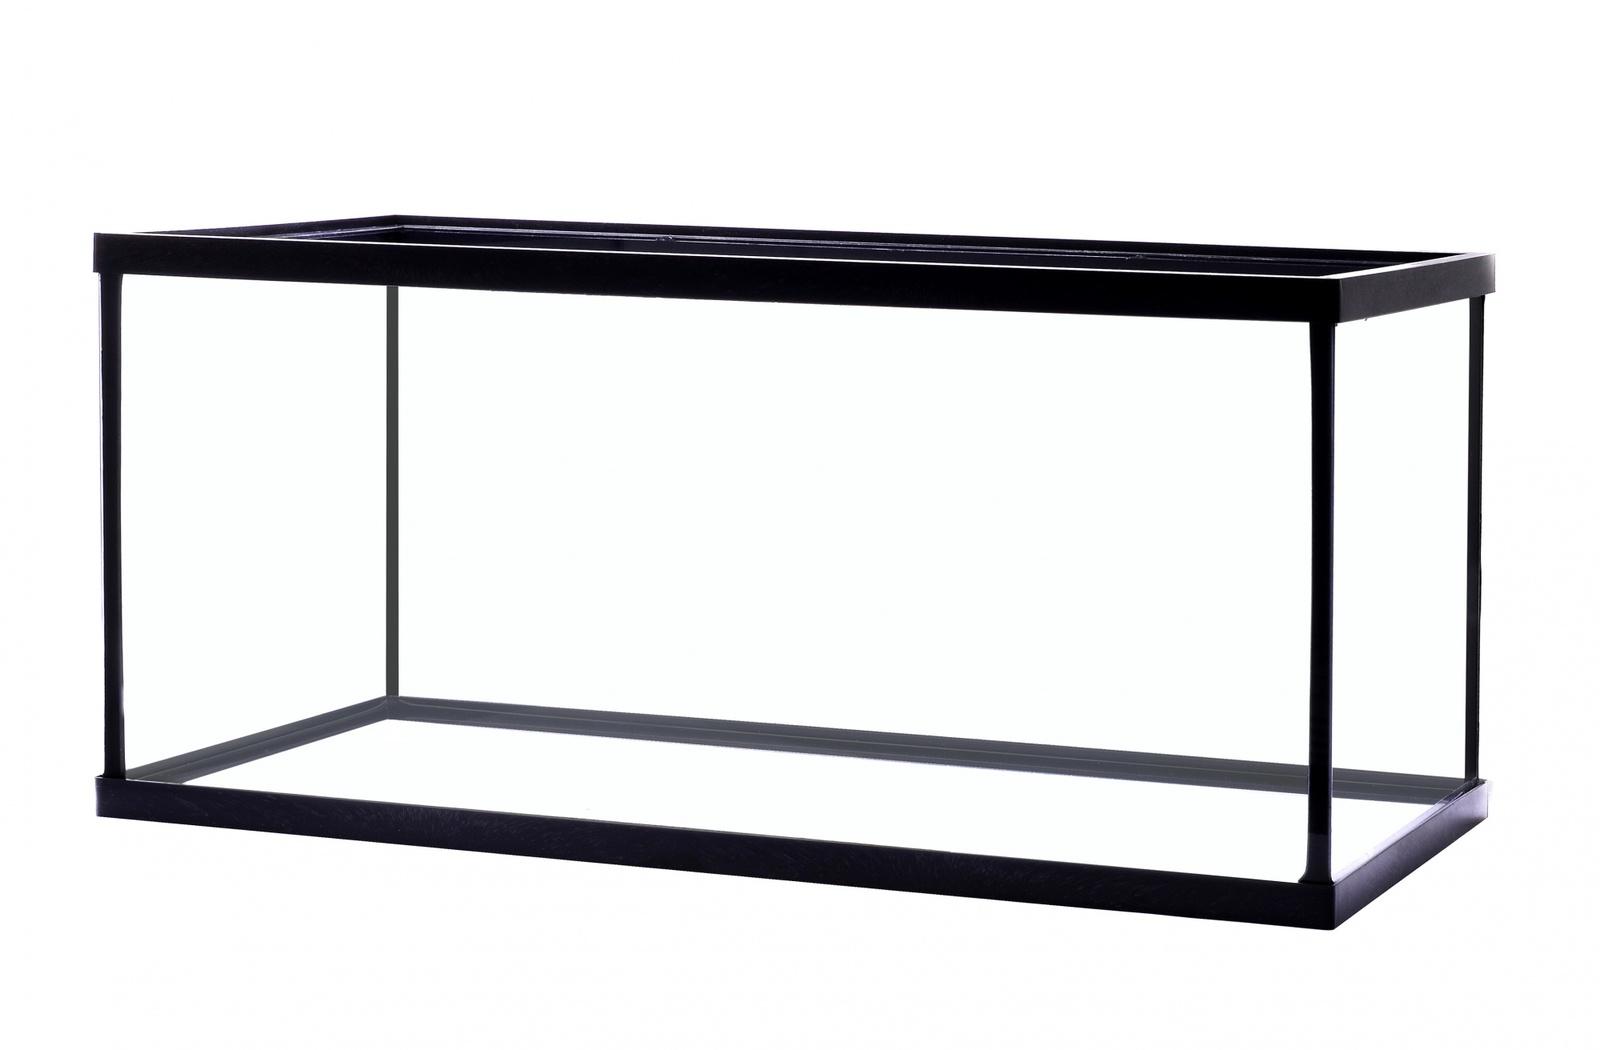 benelux Benelux ��������� ��� ������� ����������, 50 * 30 * 18 (Terrarium glas M) 4487 50510